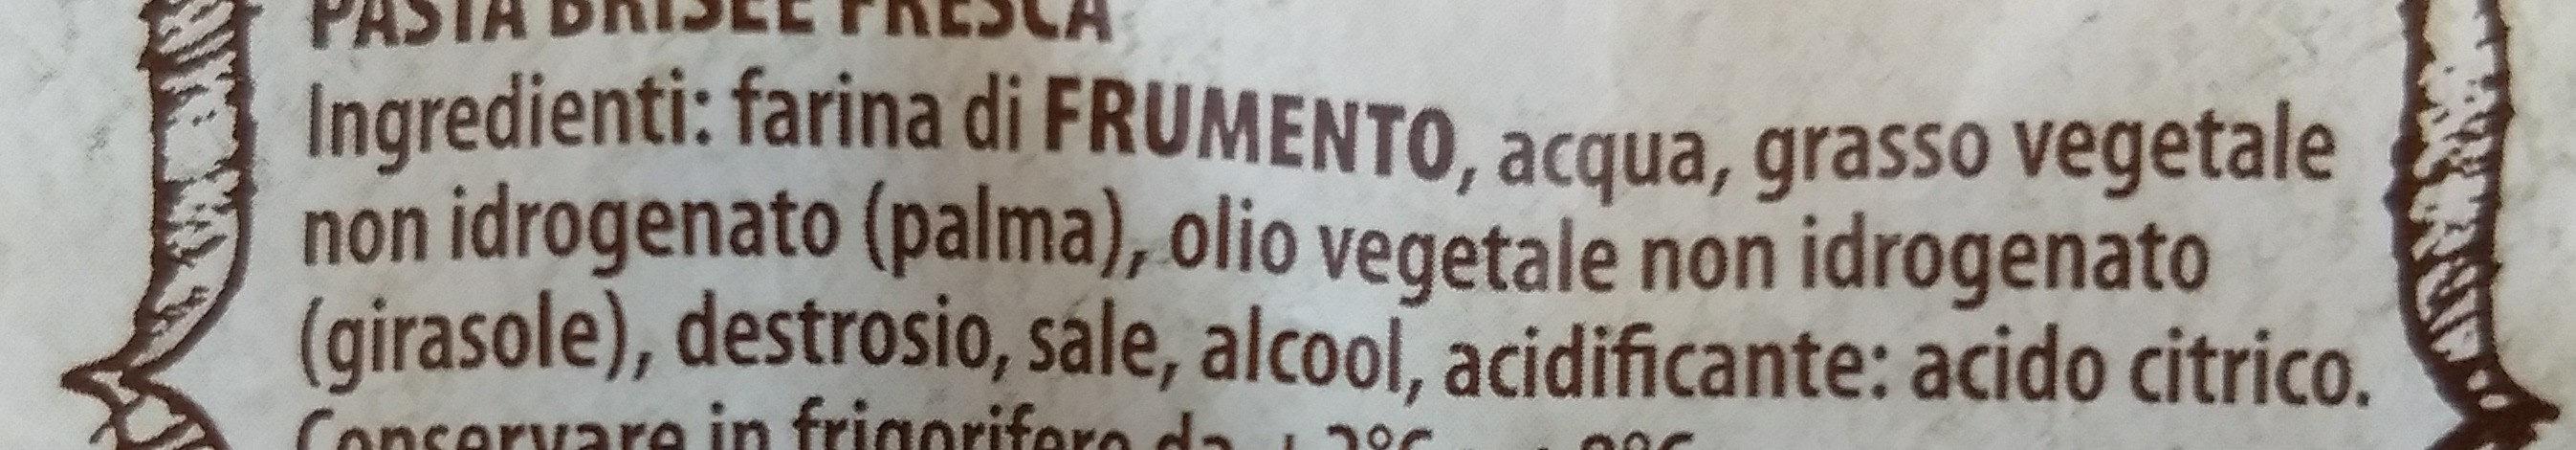 pasta fresca brisée rotonda - Ingredients